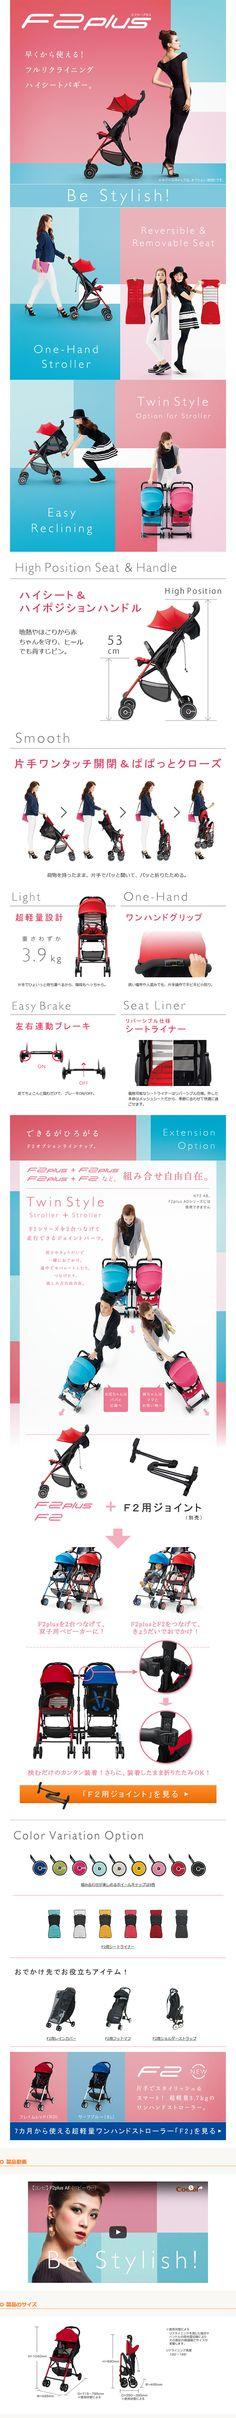 商品設計が良さそう。双子のFIXは日本ではデカすぎて不便、メーカーに限りがある。オプションで双子用にできるという感覚。双子専用商品でもないから、リスクも低い。男の子と女の子の色。スタイリッシュなママをターゲット。でもコンビというのが意外。